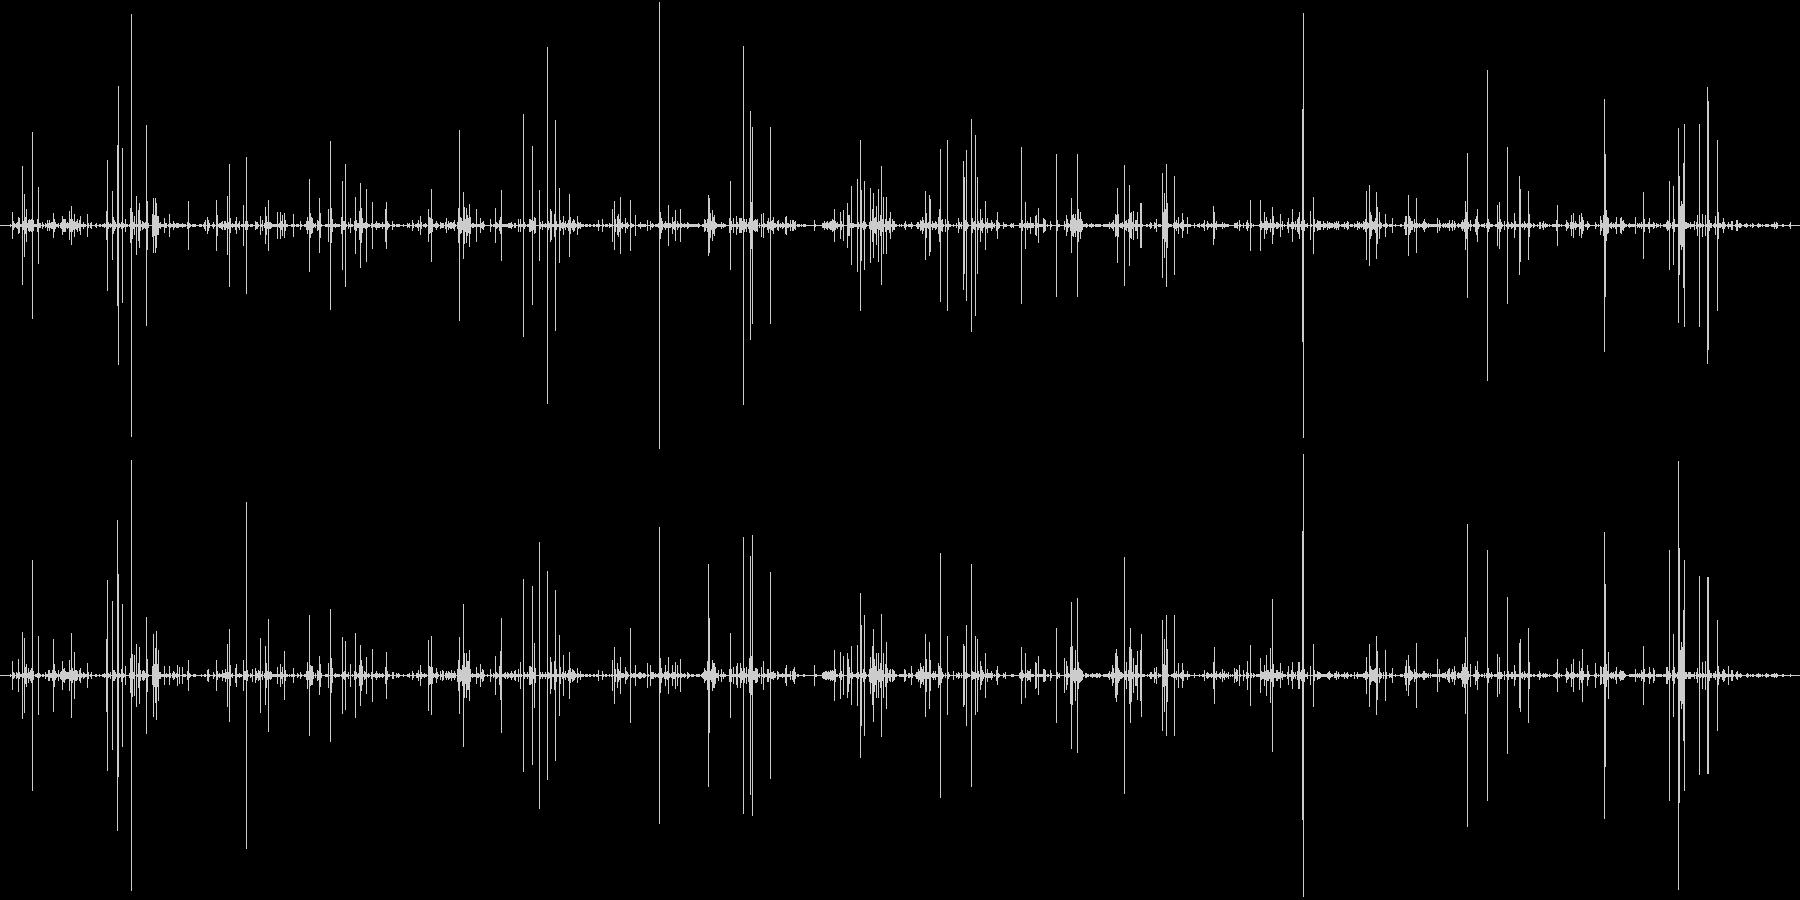 木 竹クラックシーケンス04の未再生の波形